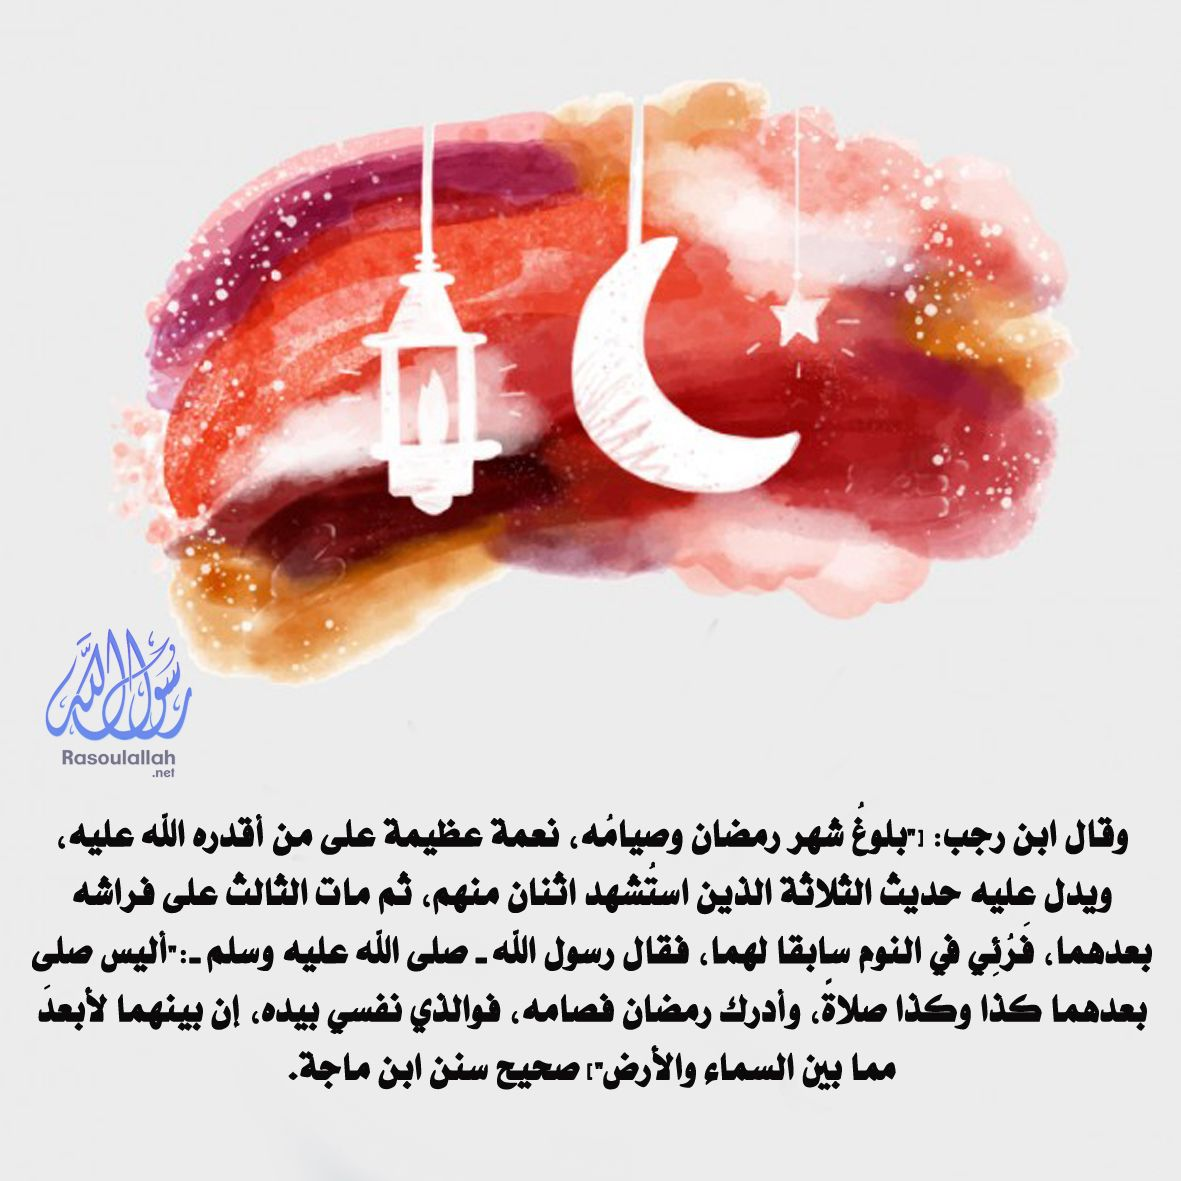 بلوغ رمضان نعمة عظيمة Birthday Candles Ramadan Image